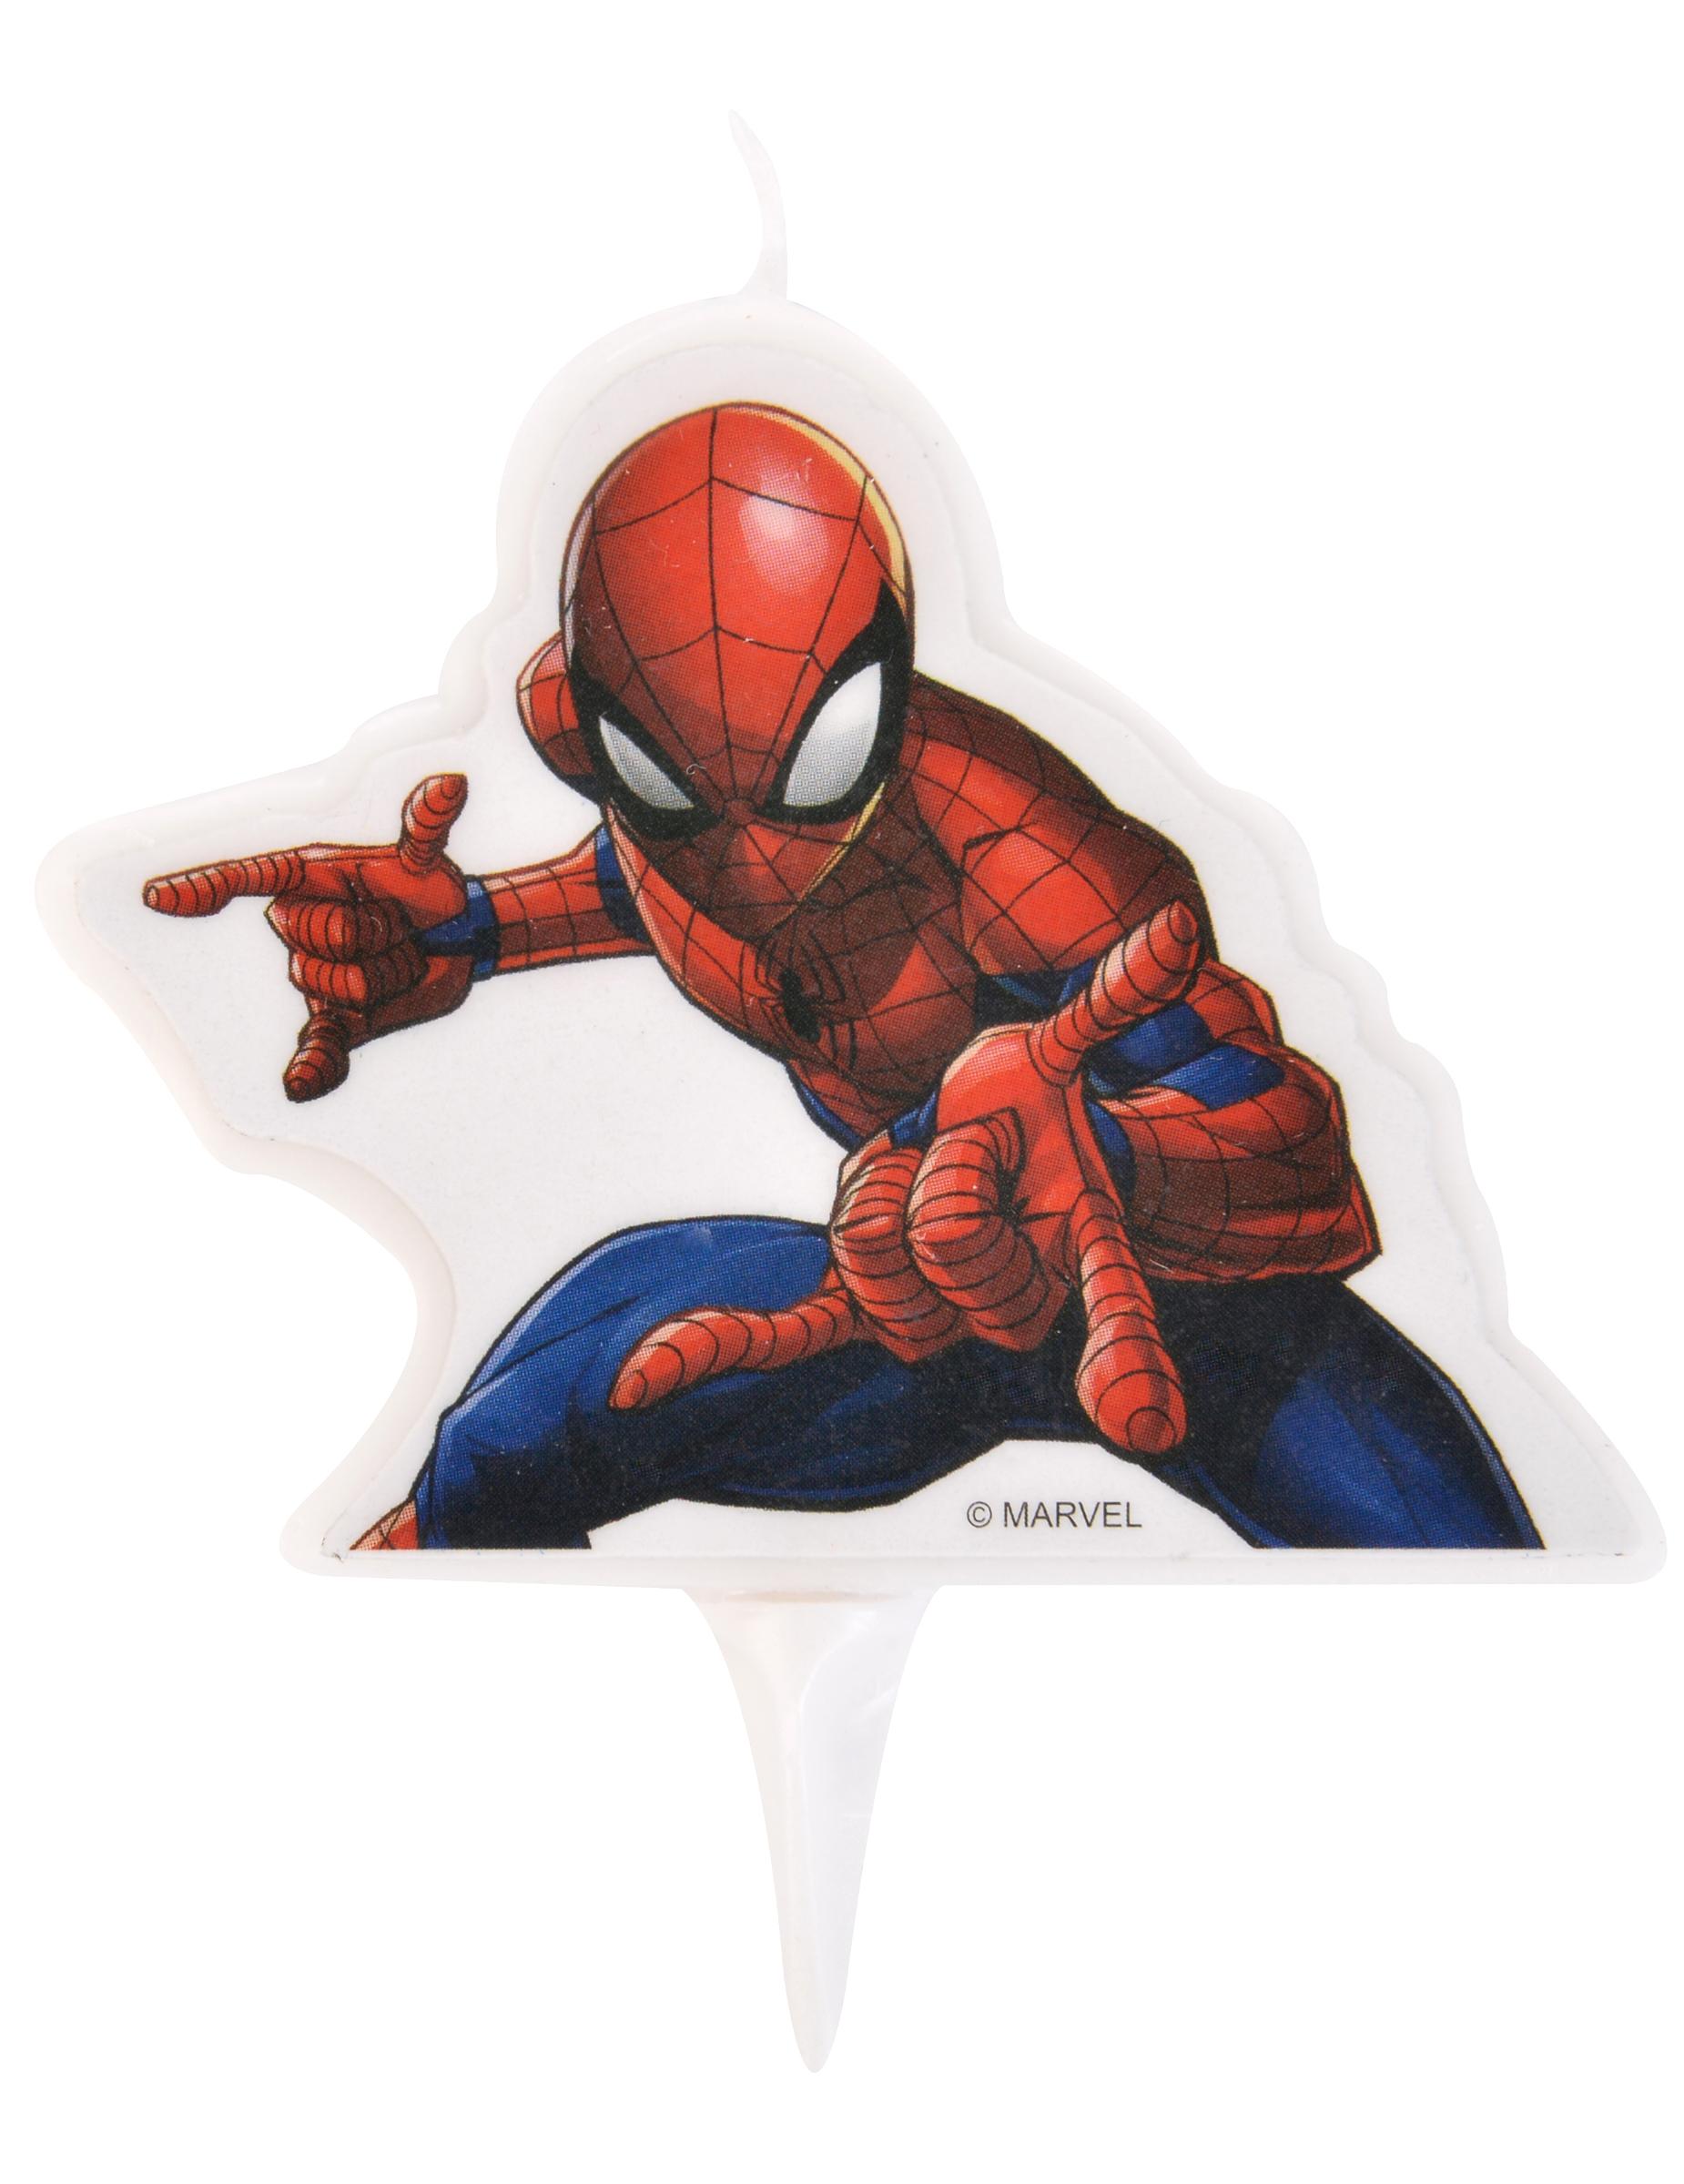 Spiderman Kerze Marvel Tischdeko Rot Blau Weiss 9x7cm Gunstige